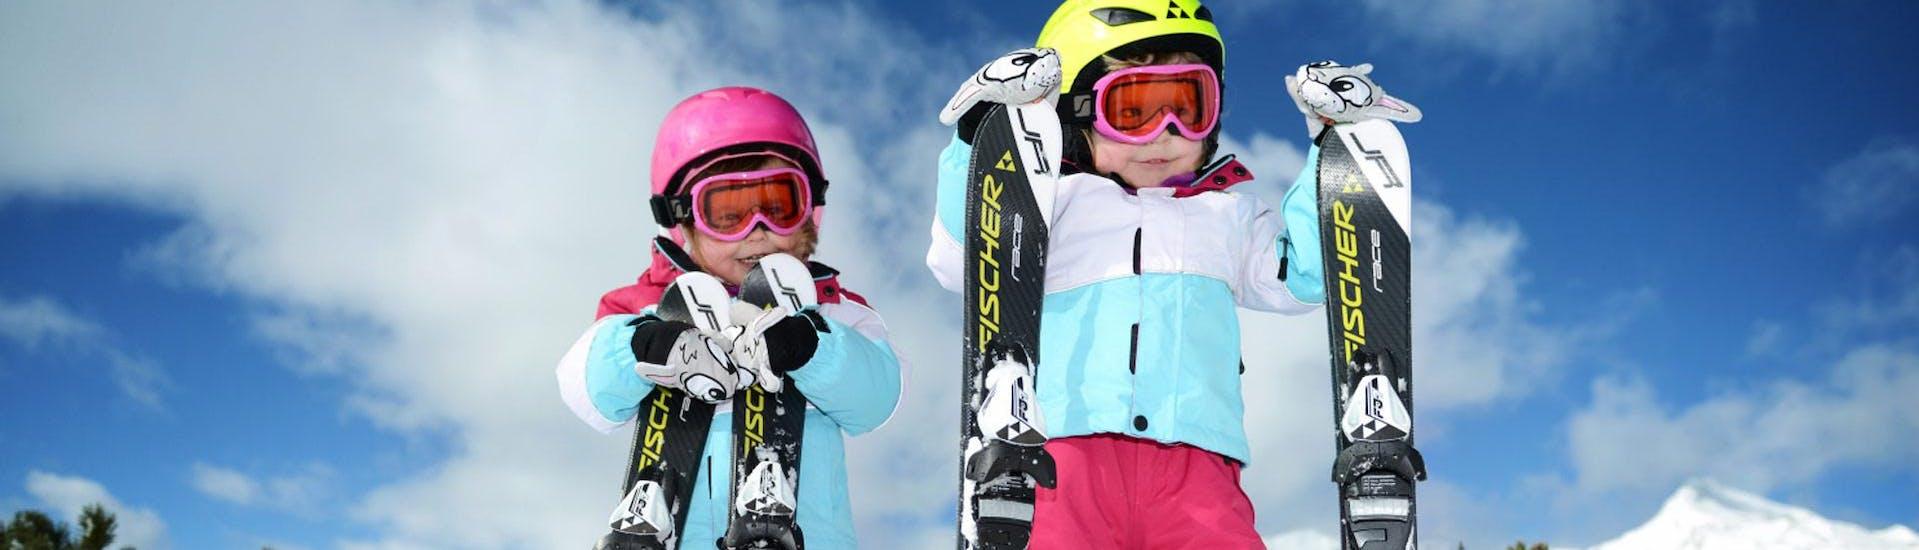 Zwei Mädchen warten auf den Beginn ihres Kinder-Skikurses für Anfänger mit der Skischule Ruhpolding im Skigebiet Westernberg.